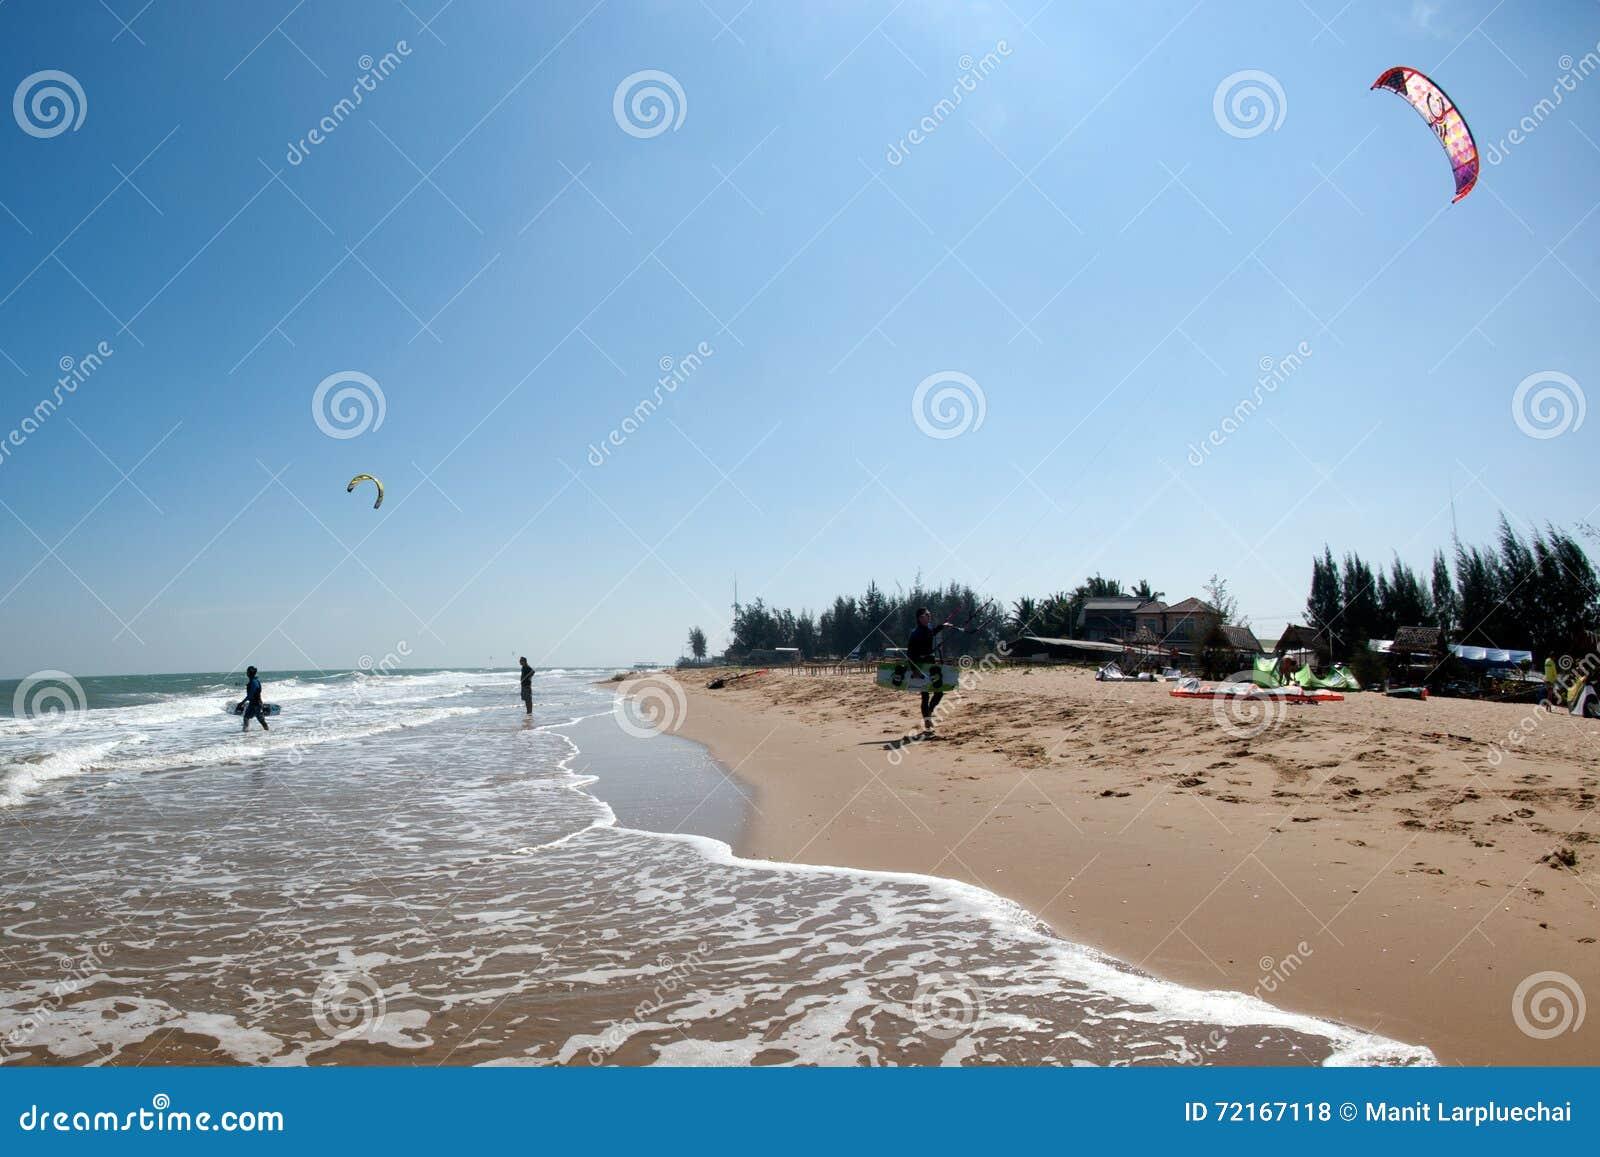 风筝海浪或风筝板,水上运动